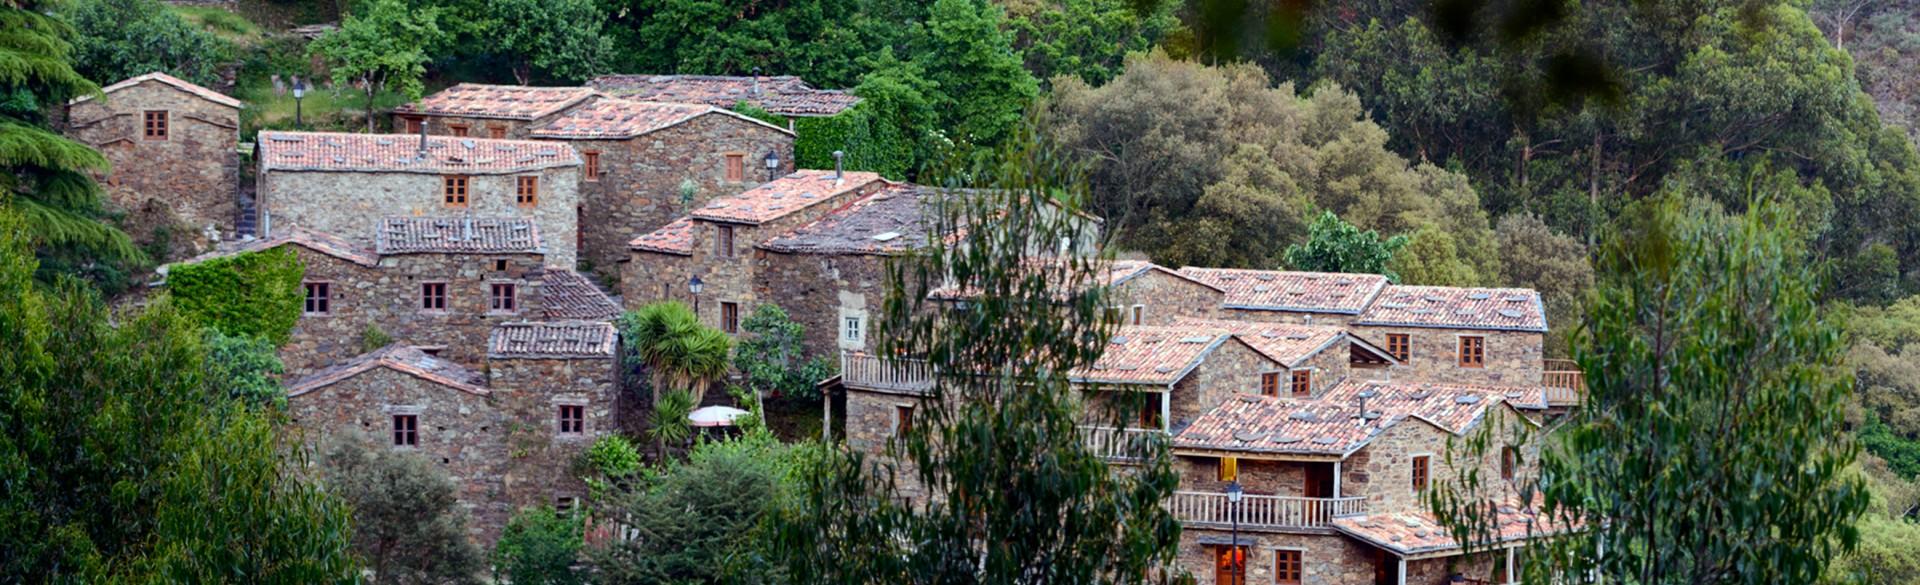 Casa das Vizinhas - Cerdeira - Home for Creativity